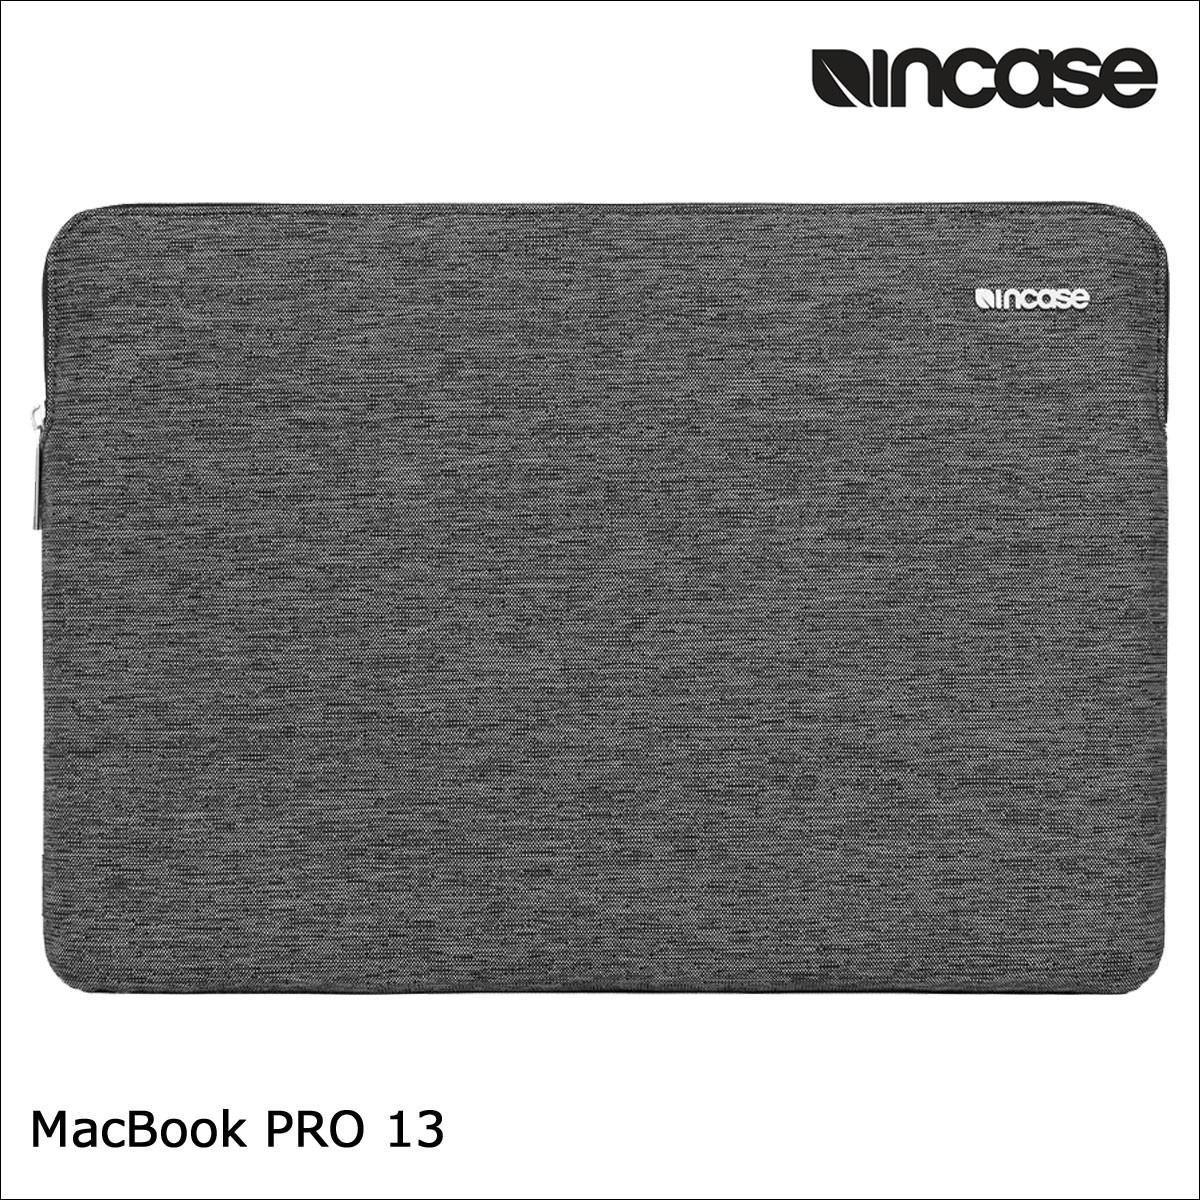 INCASE インケース バッグ パソコンバッグ PCケース 13インチ SLIM SLEEVE PRO FOR MACBOOK RETINA 13 CL60684 レディース メンズ ブラック [1/17 再入荷]